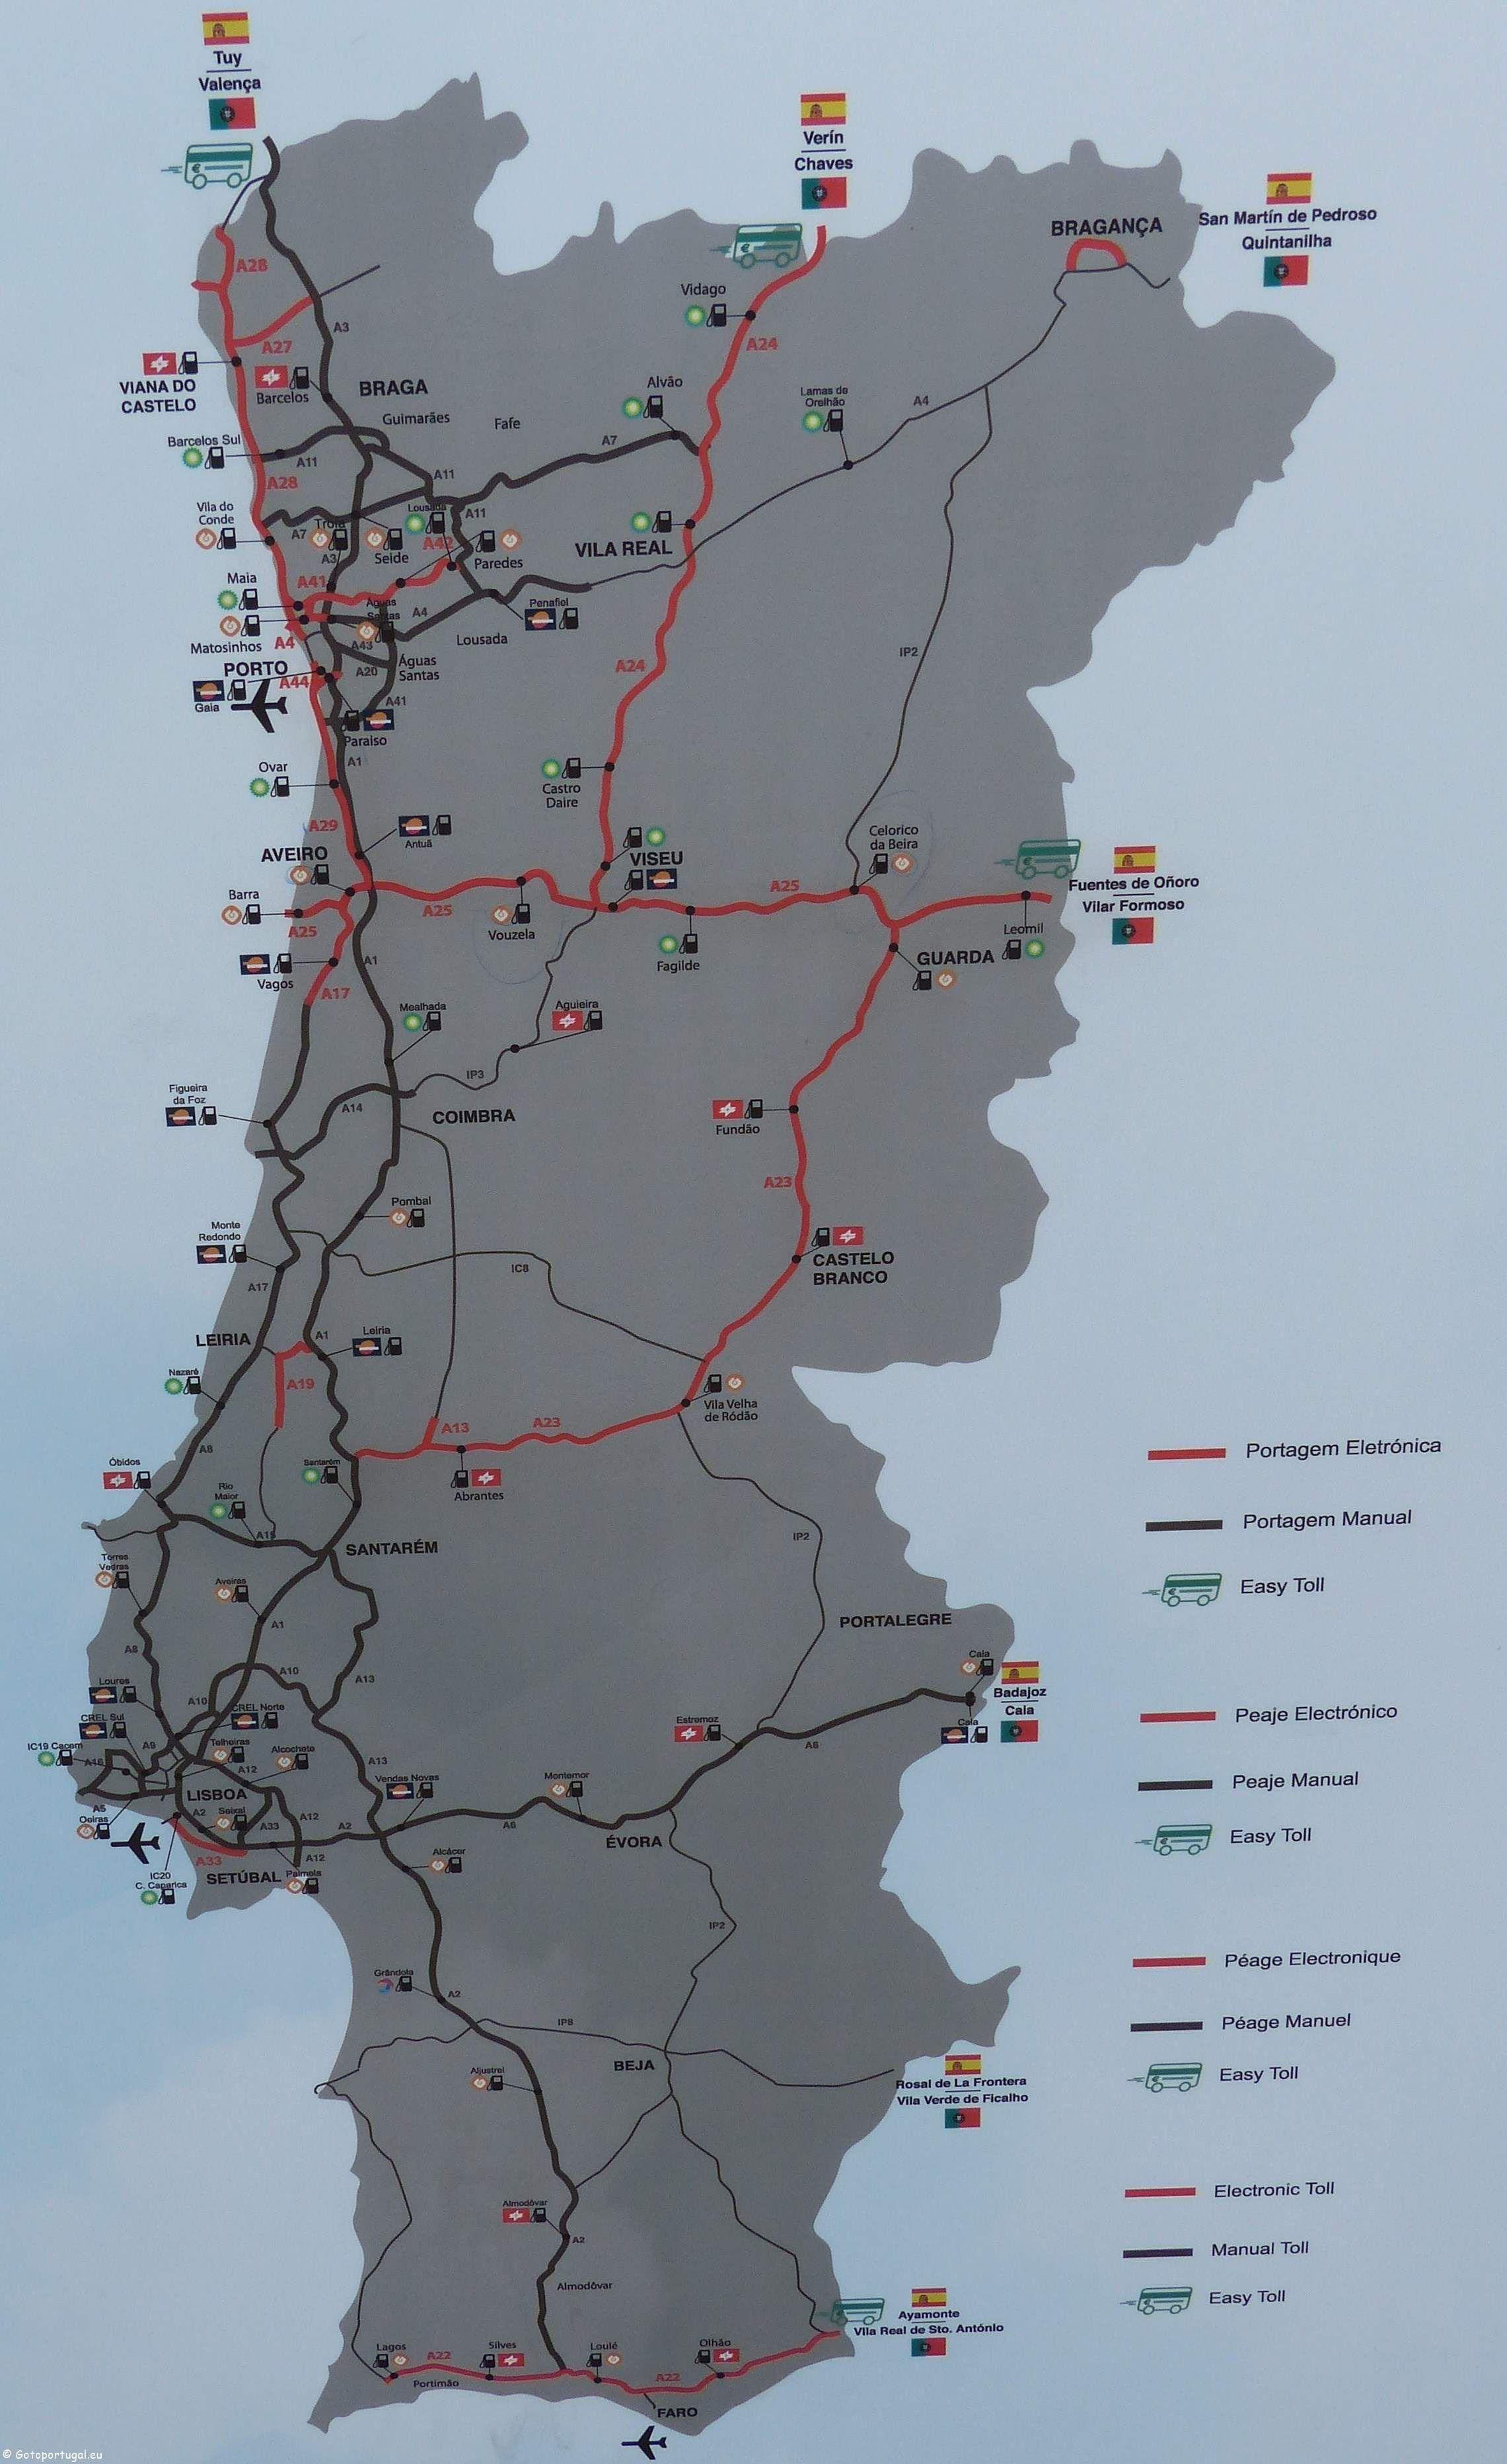 Como Pagar As Portagens Eletronicas Antigas Scuts Em Portugal